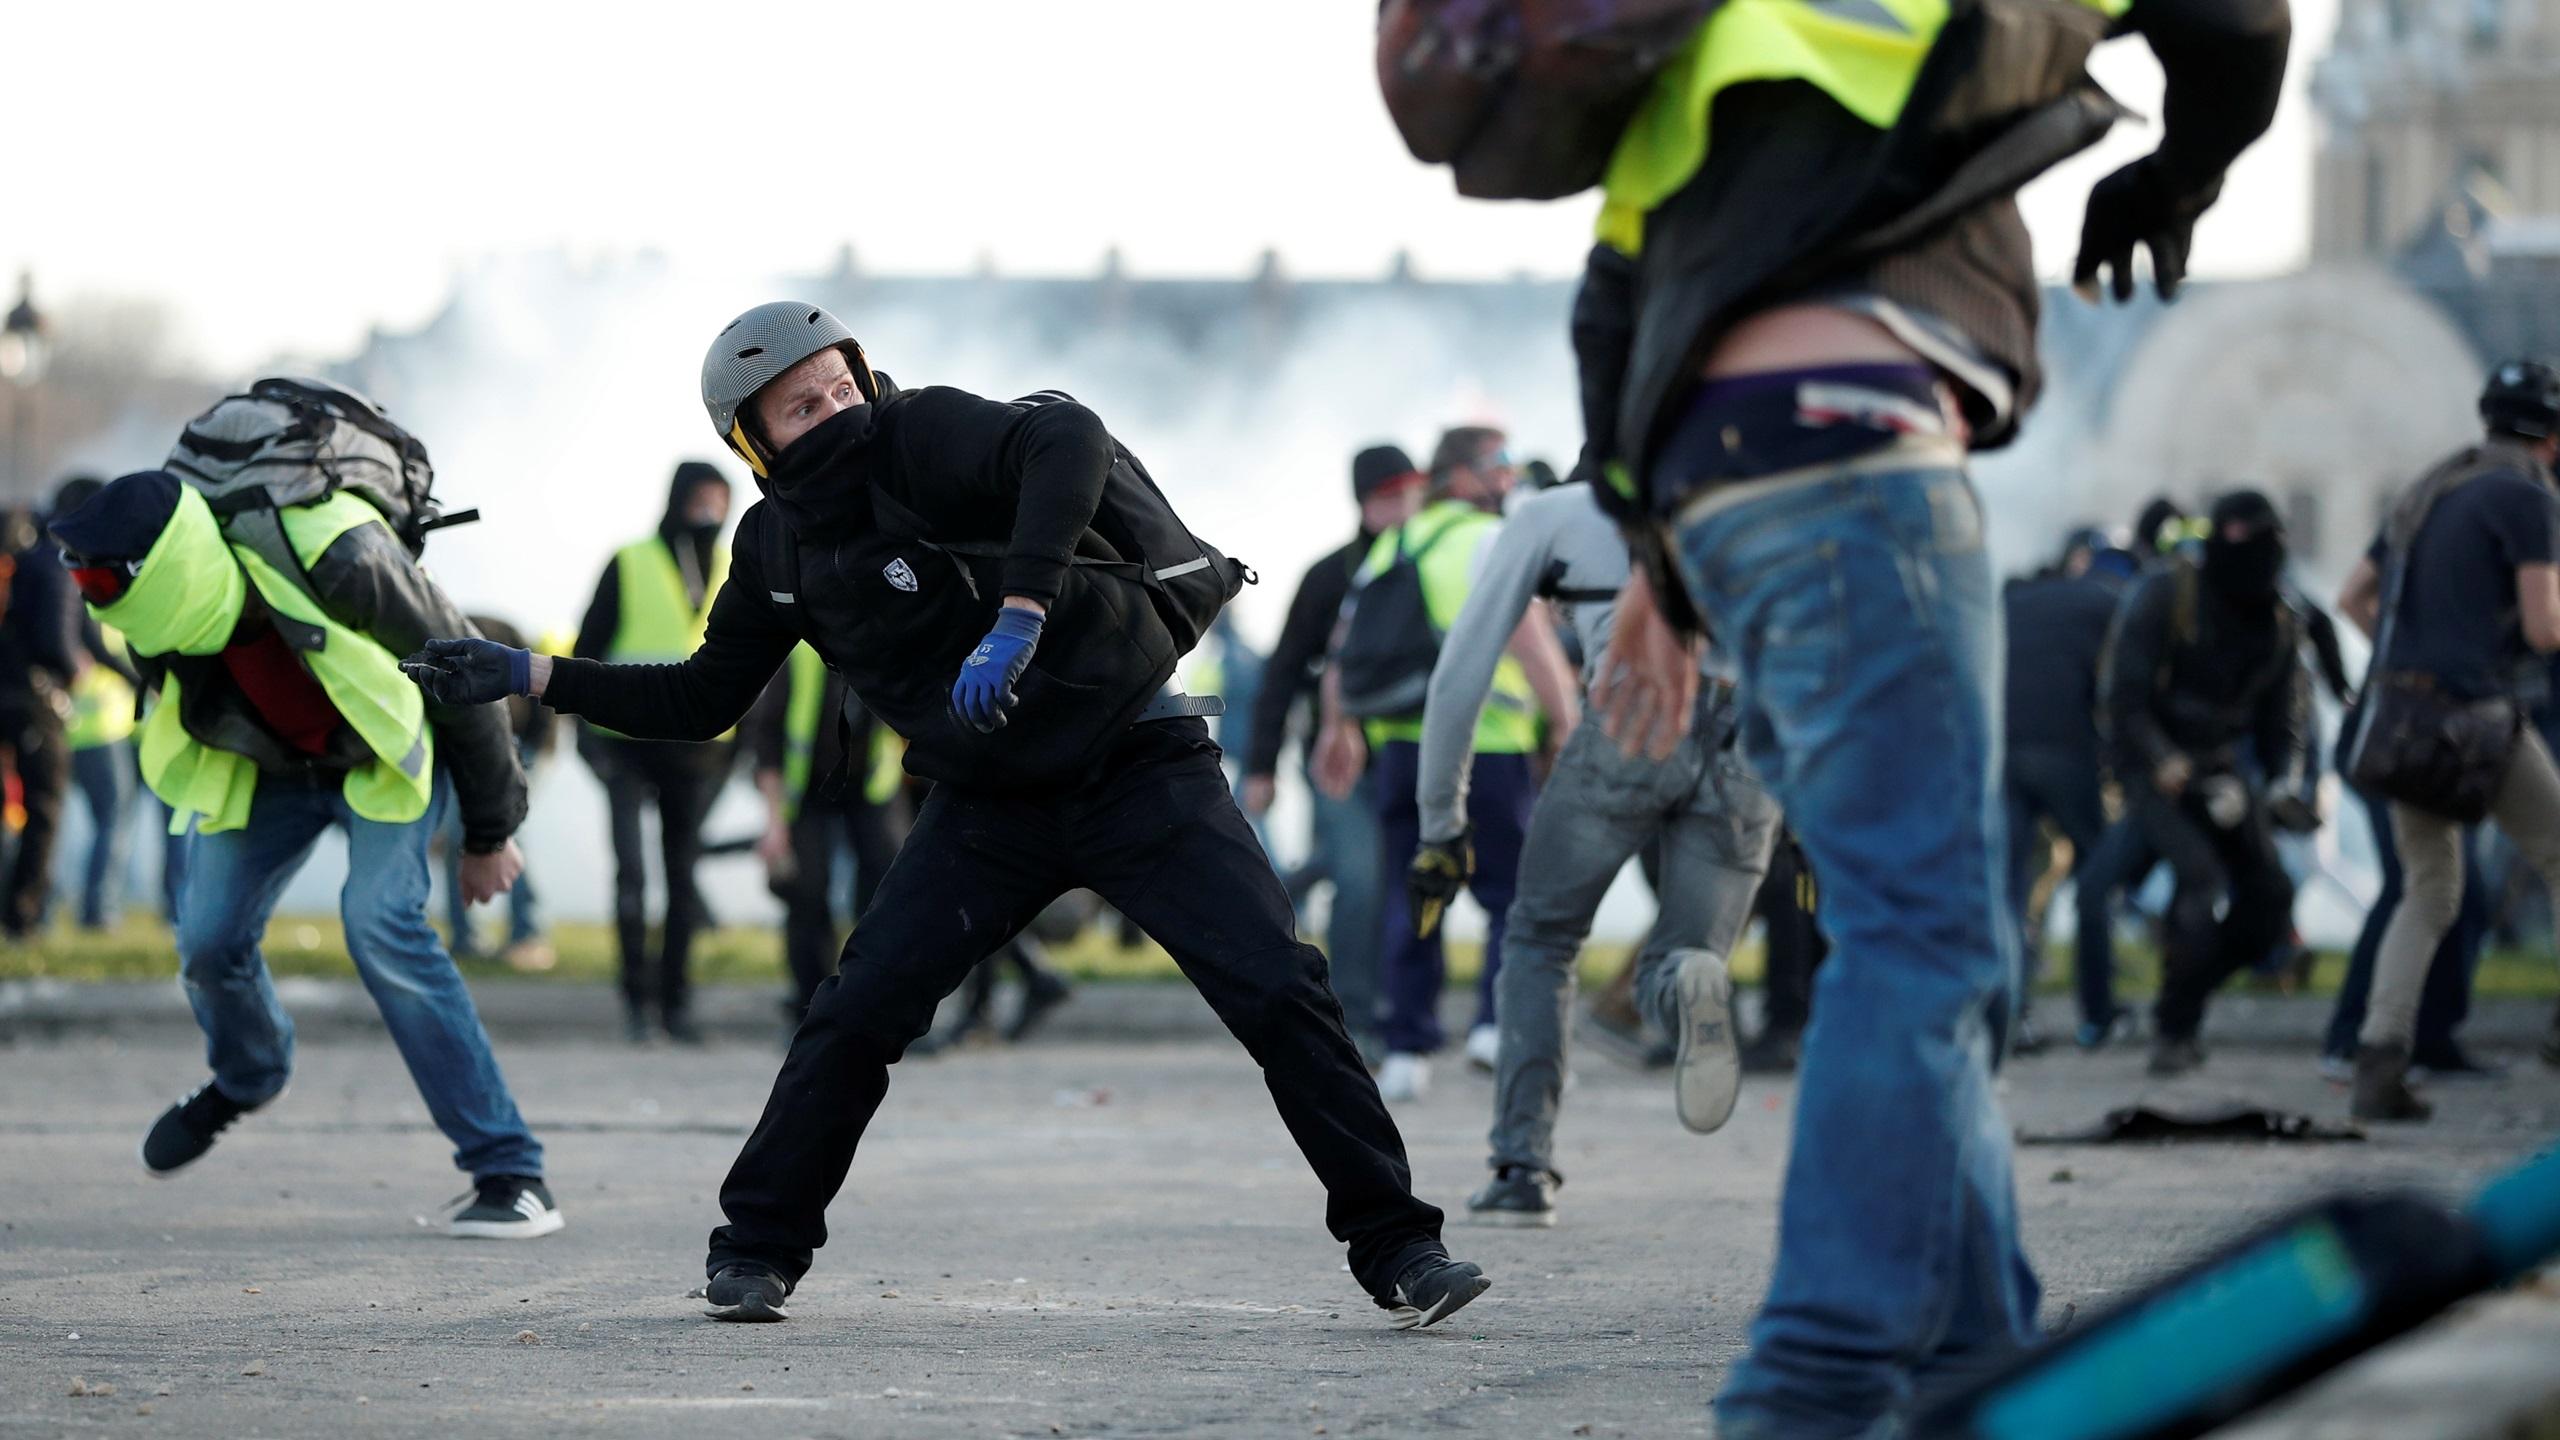 Policía de Francia lanza gas ante protestasviolentasde 'chalecos amarillos'